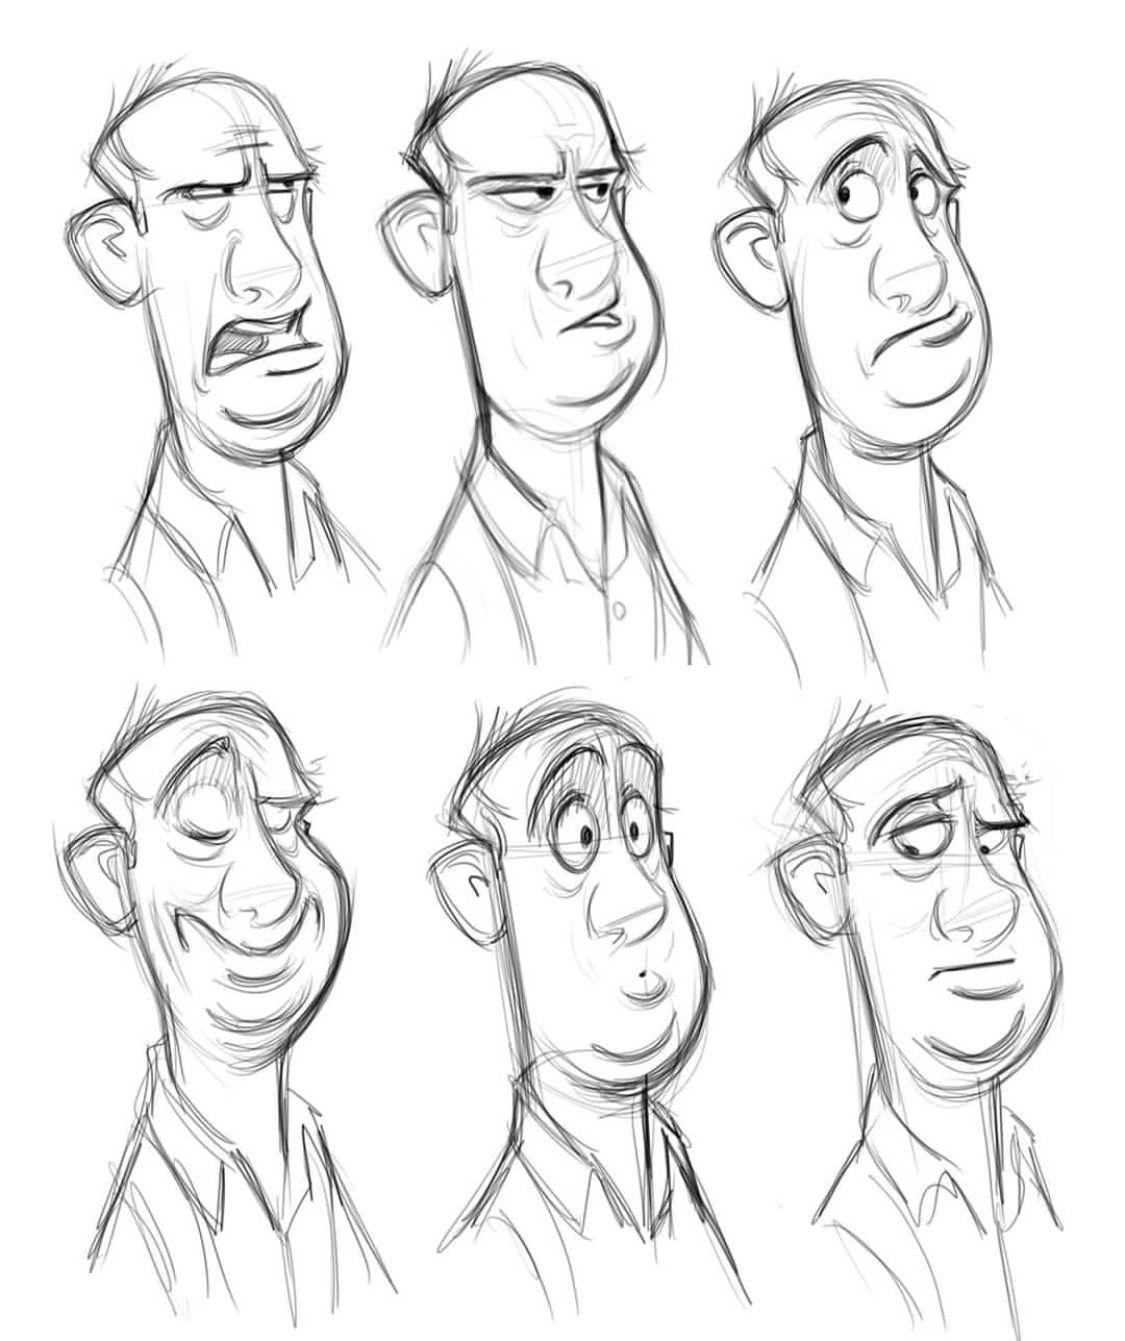 испанская мультяшные персонажи для анимации картинки информация товарах услугах